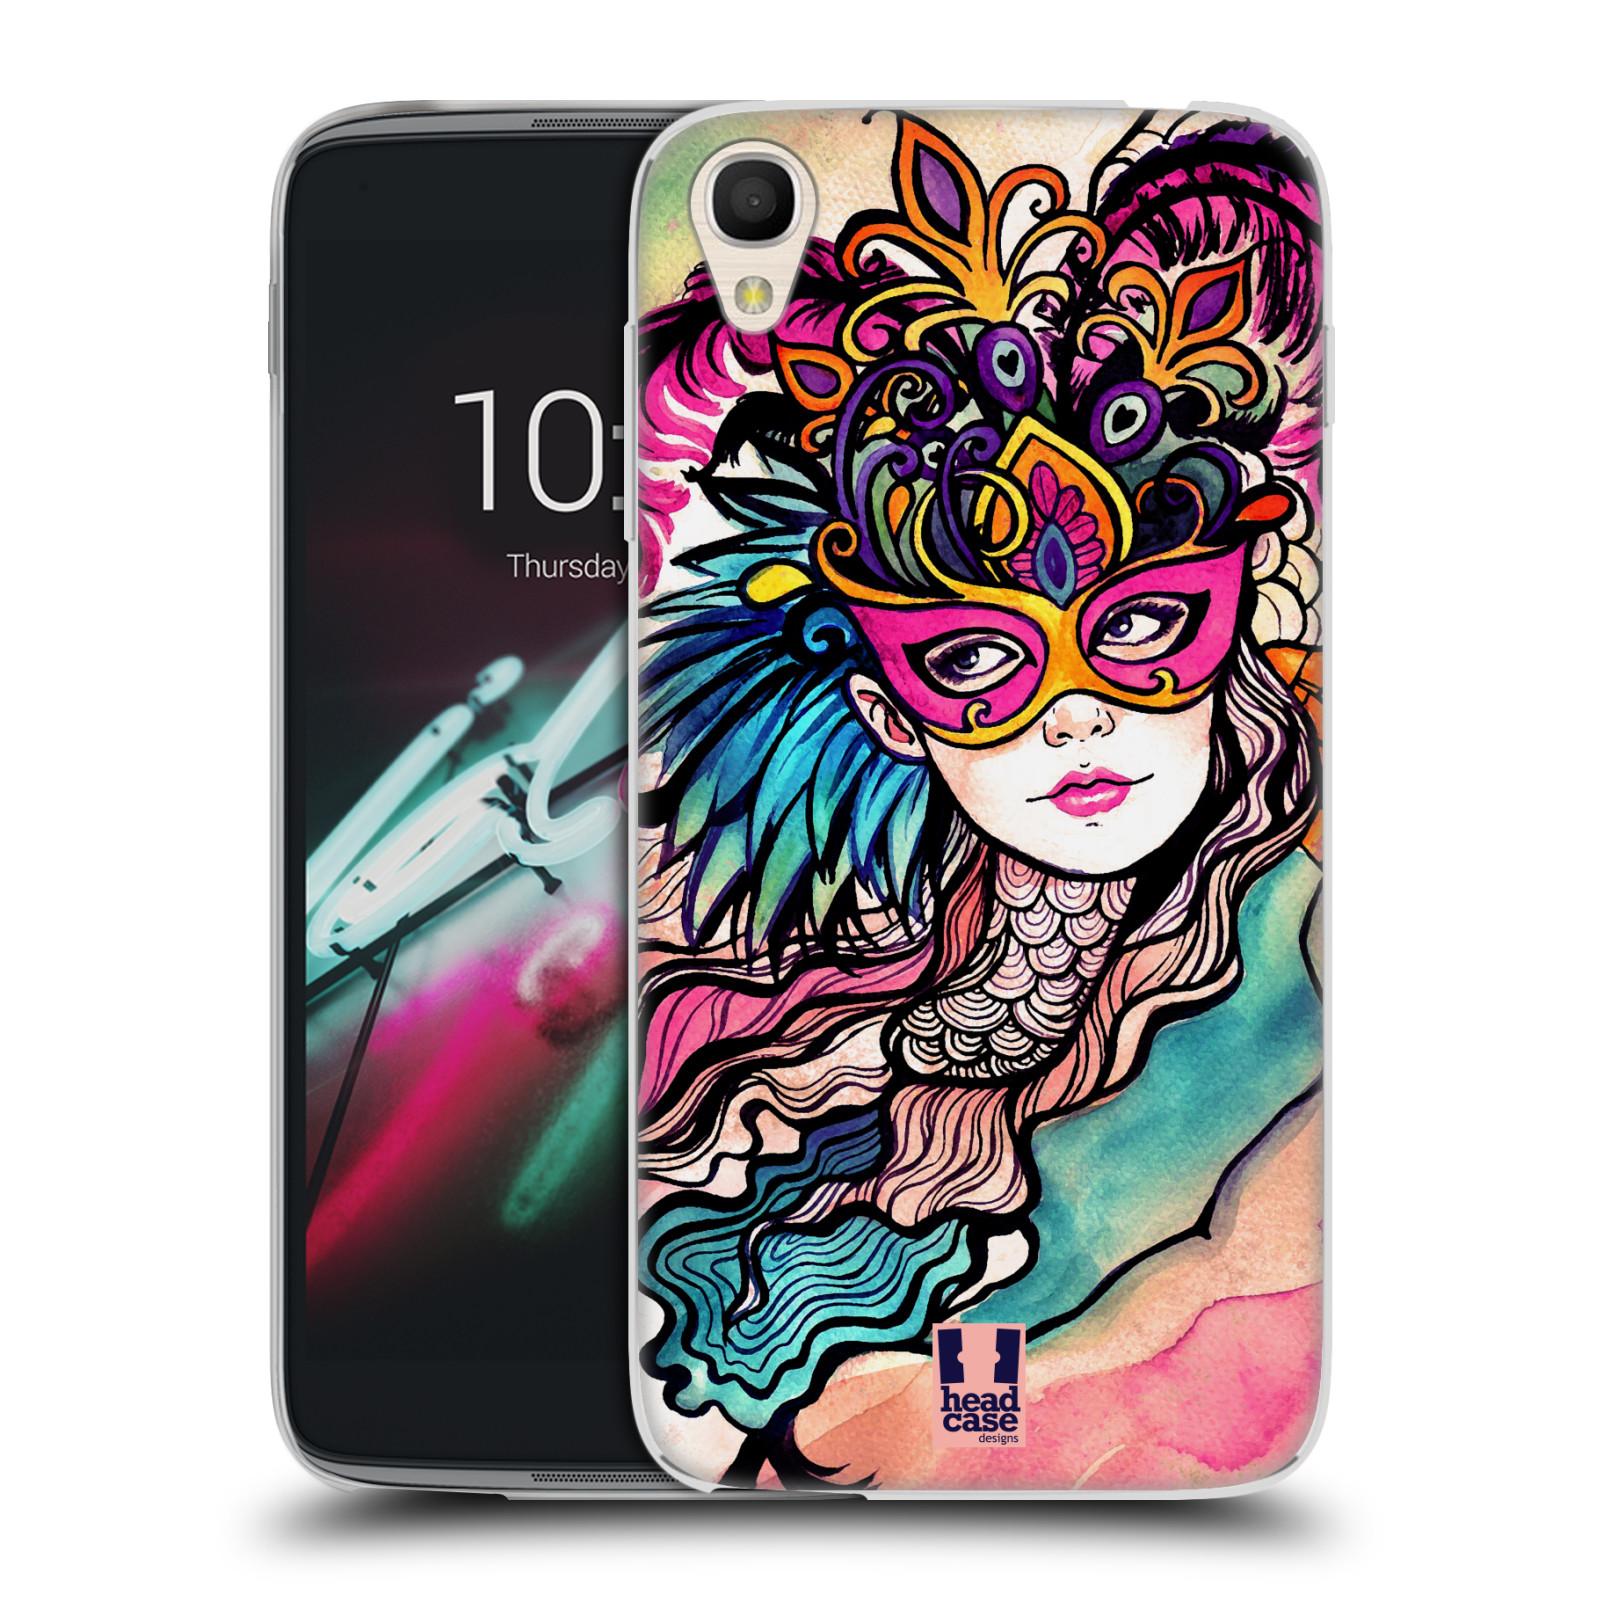 HEAD CASE silikonový obal na mobil Alcatel Idol 3 OT-6039Y (4.7) vzor Maškarní ples masky kreslené vzory růžová